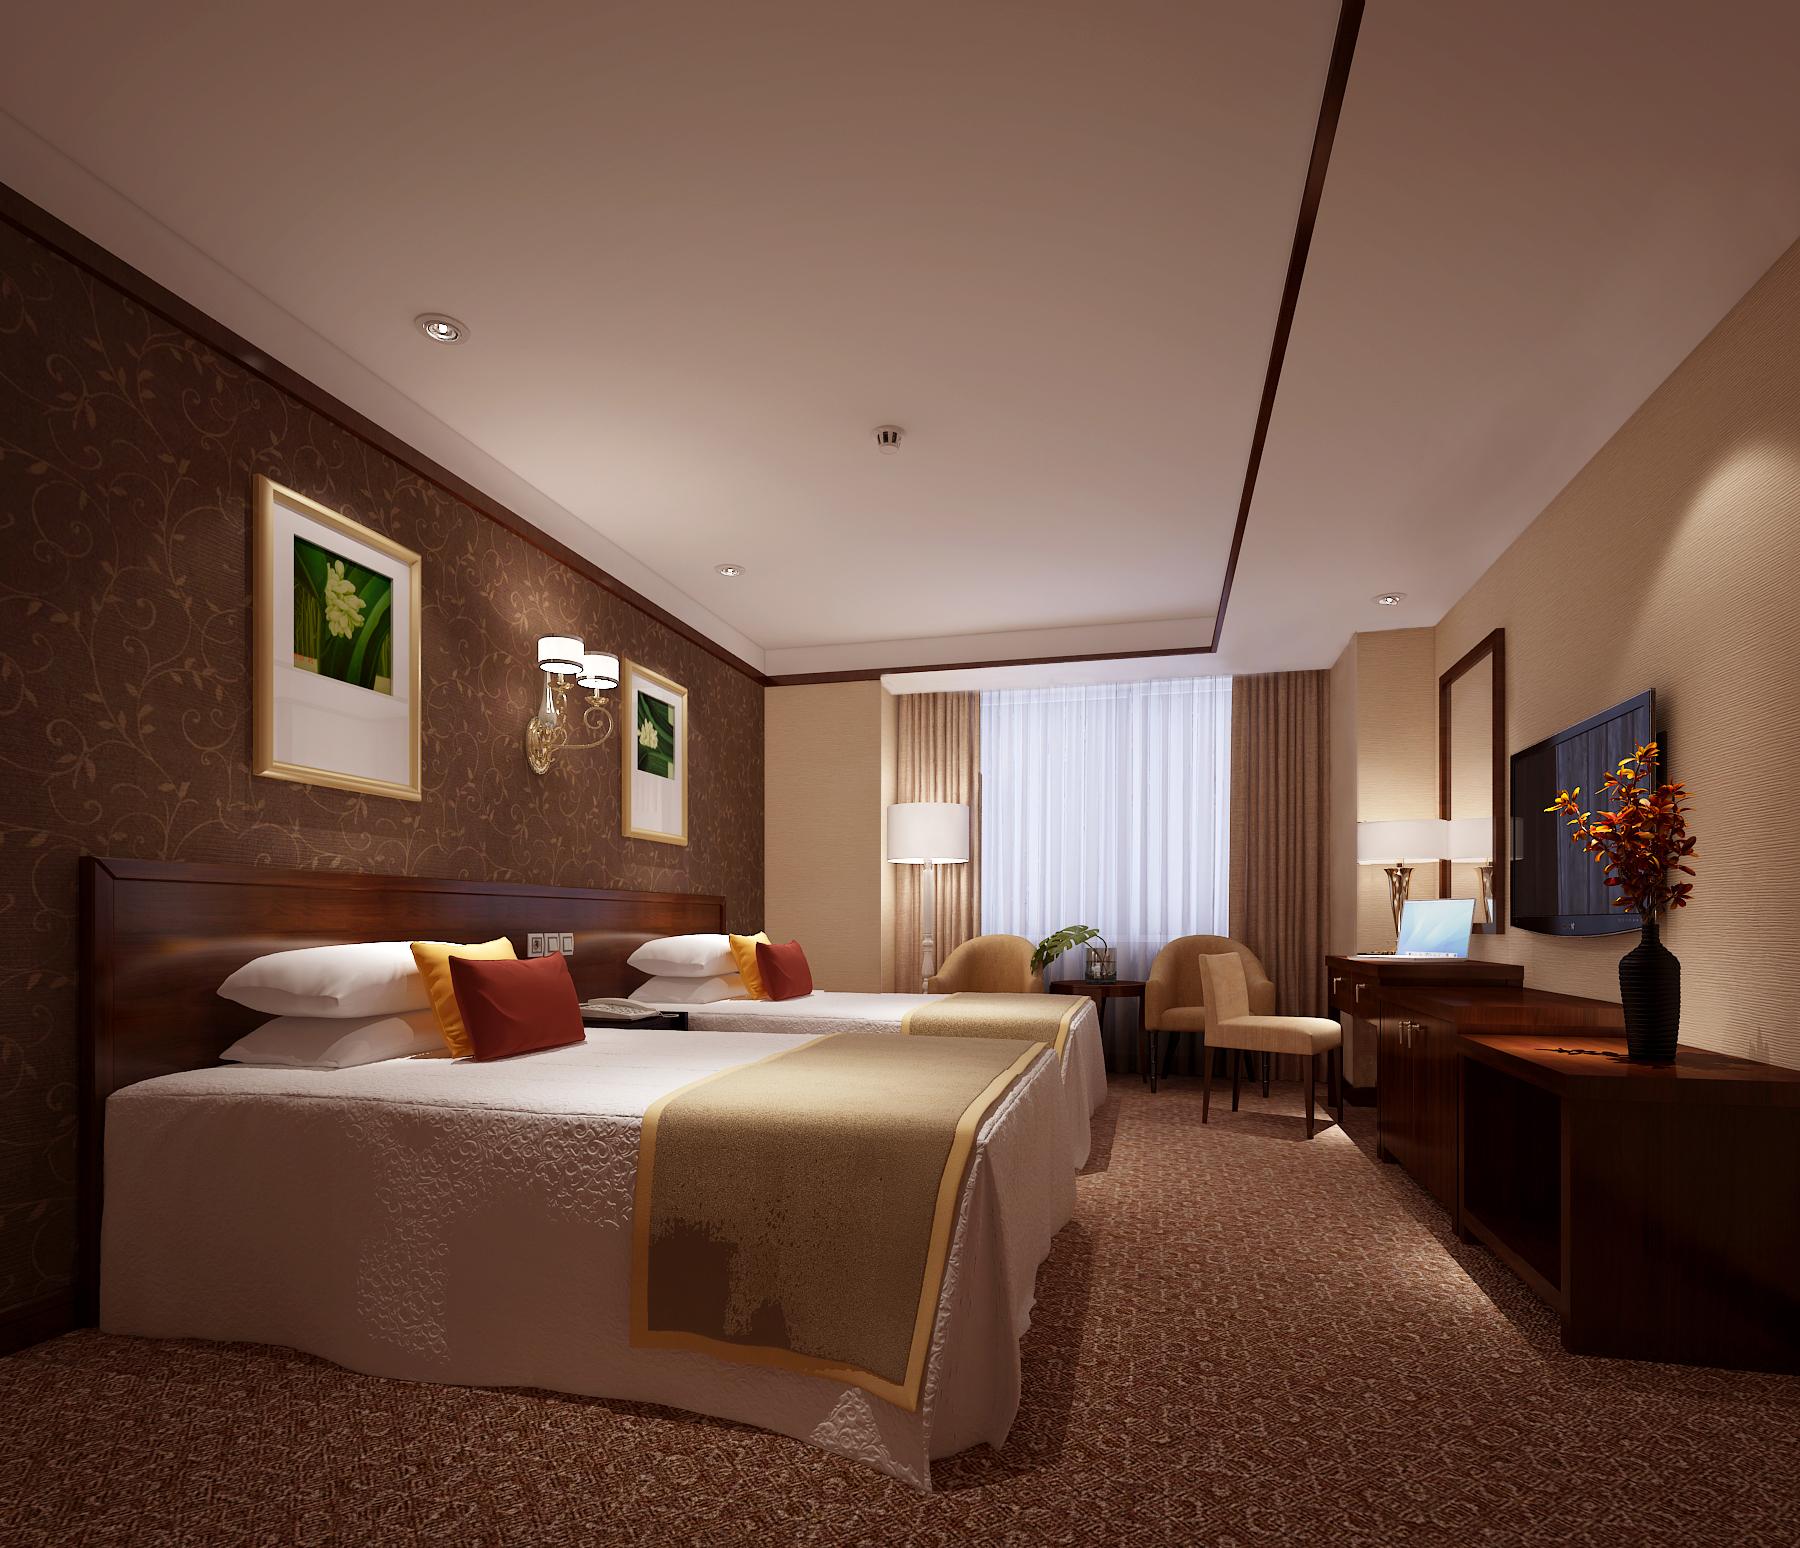 酒店装修类别: 按照酒店服务对象分为商务型酒店、度假型酒店、长住型酒店、汽车酒店。 商务酒店一般针对商务人士,酒店装修比较简洁干练,除了日常永平之外,其他辅助行设备比较少,度假酒店装修更注重舒适度,因为度假的目的就是休息和放松,看起来的就没有商务酒店纳闷严谨,长住酒店主要在于居住时间较长,所以酒店装修效果要有家的感觉,住着才不会显得不知然,酒店内必备的东西是不可少的。